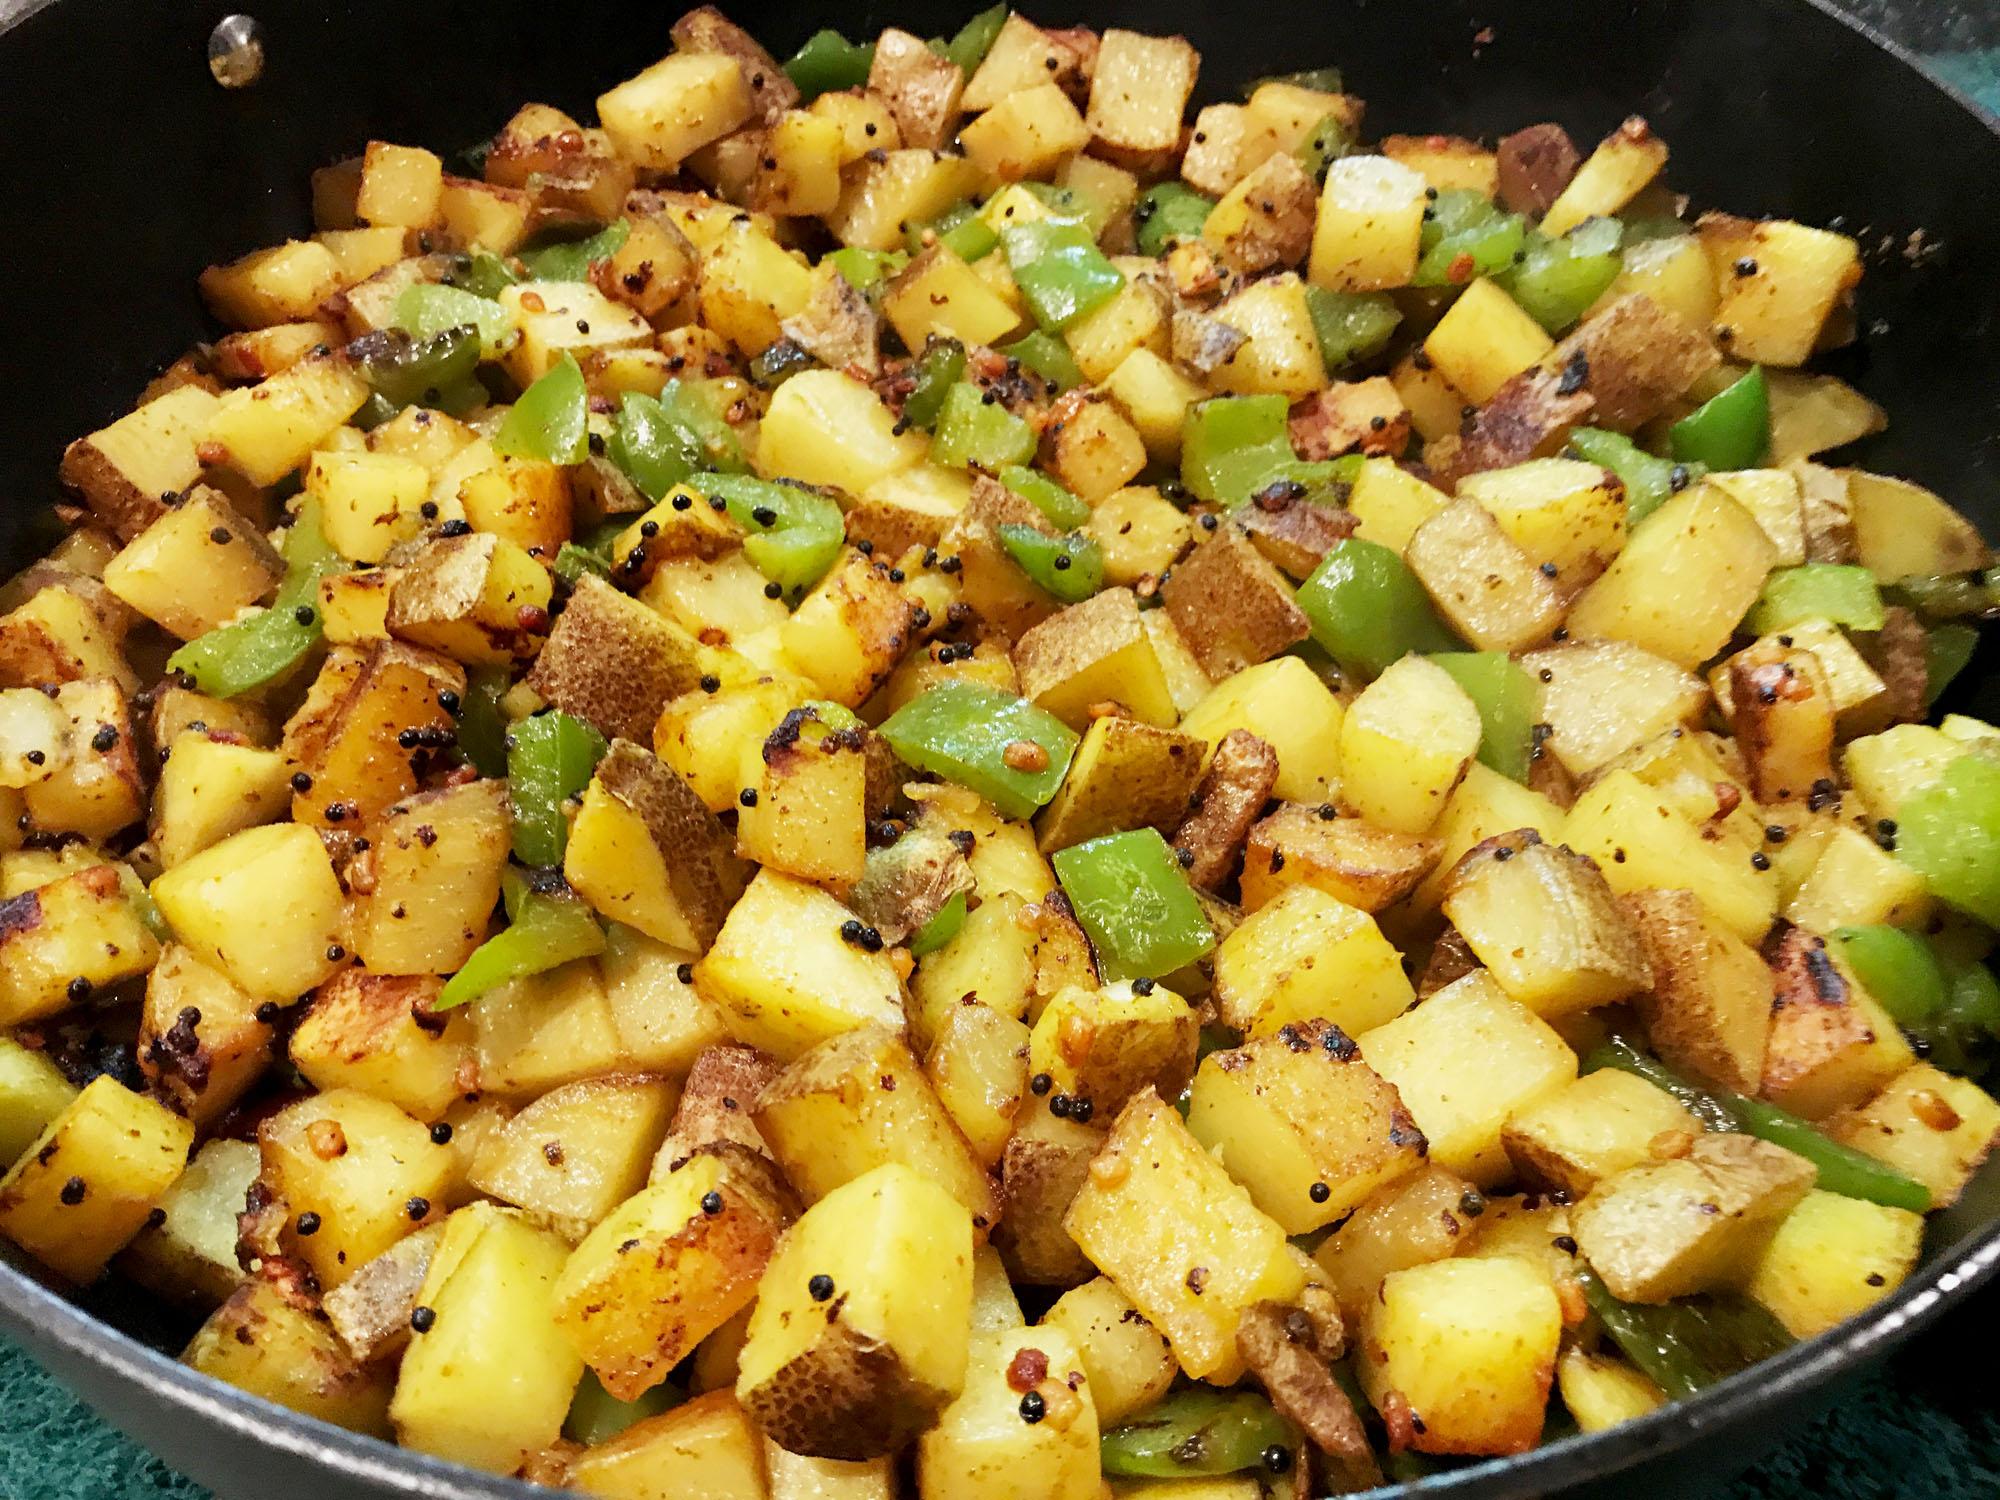 Yummy Spicy Potato Stir Fry